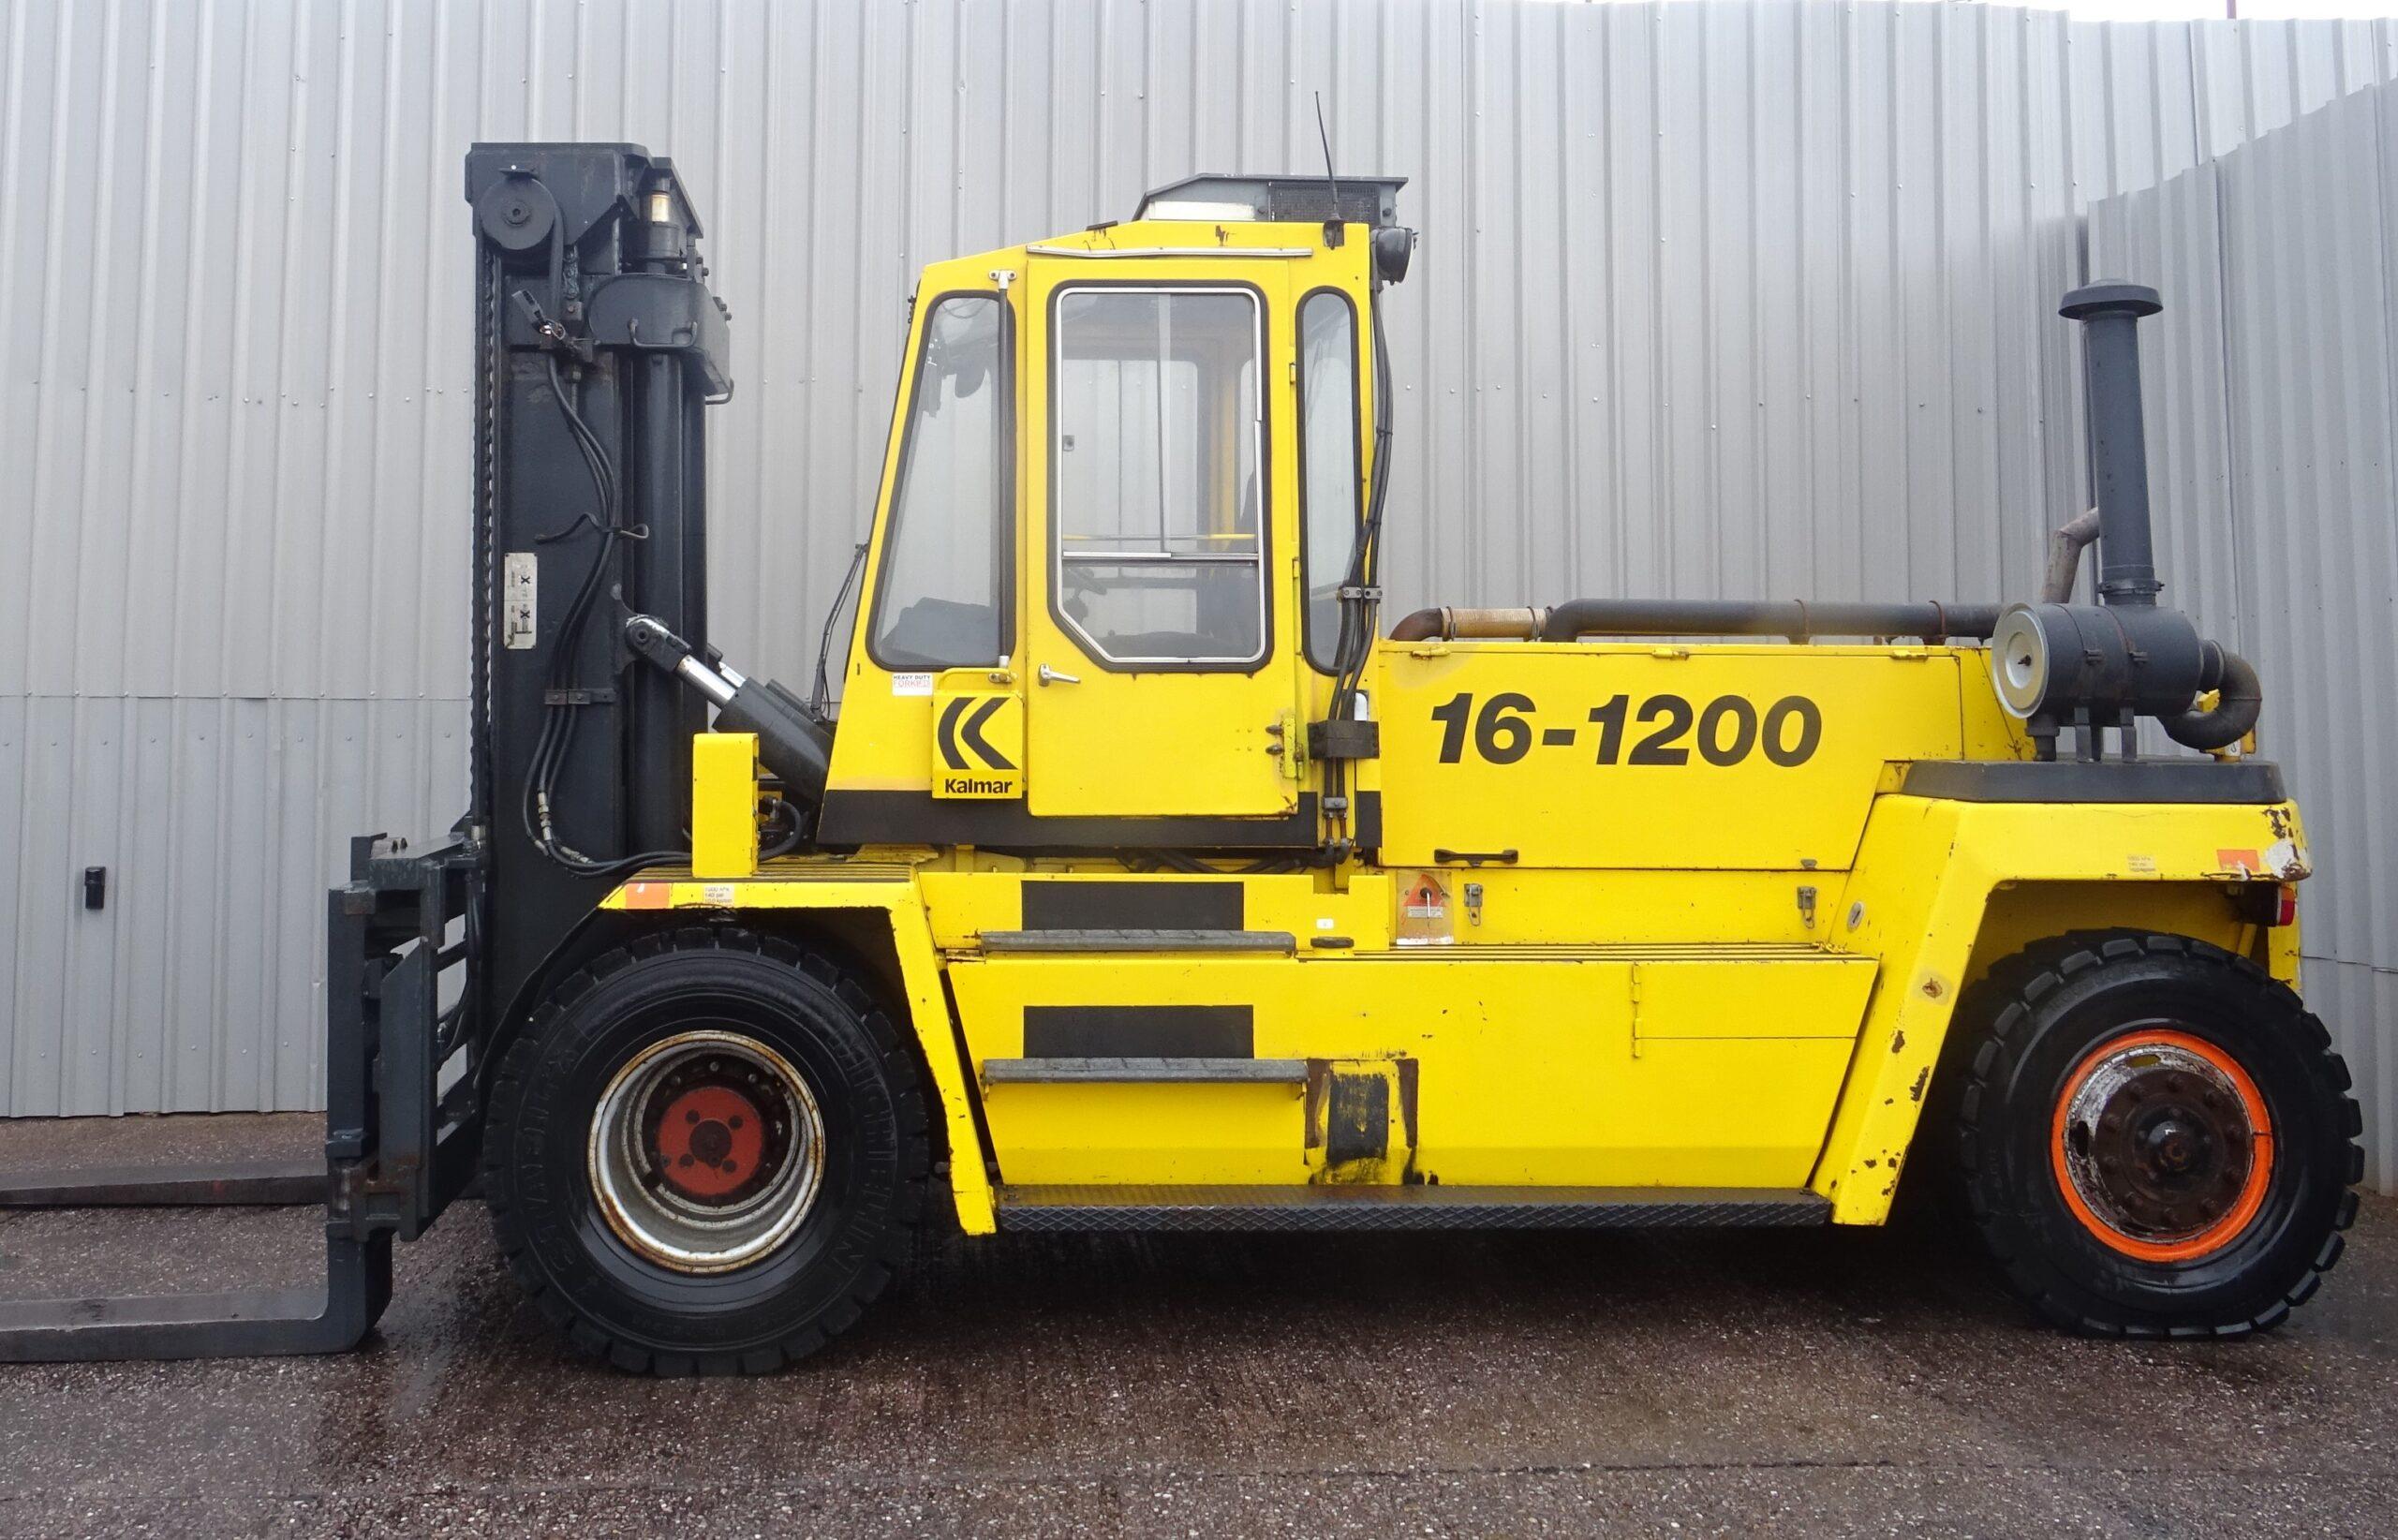 KALMAR DC16-1200 SERIAL T330122300 #2802 (1)